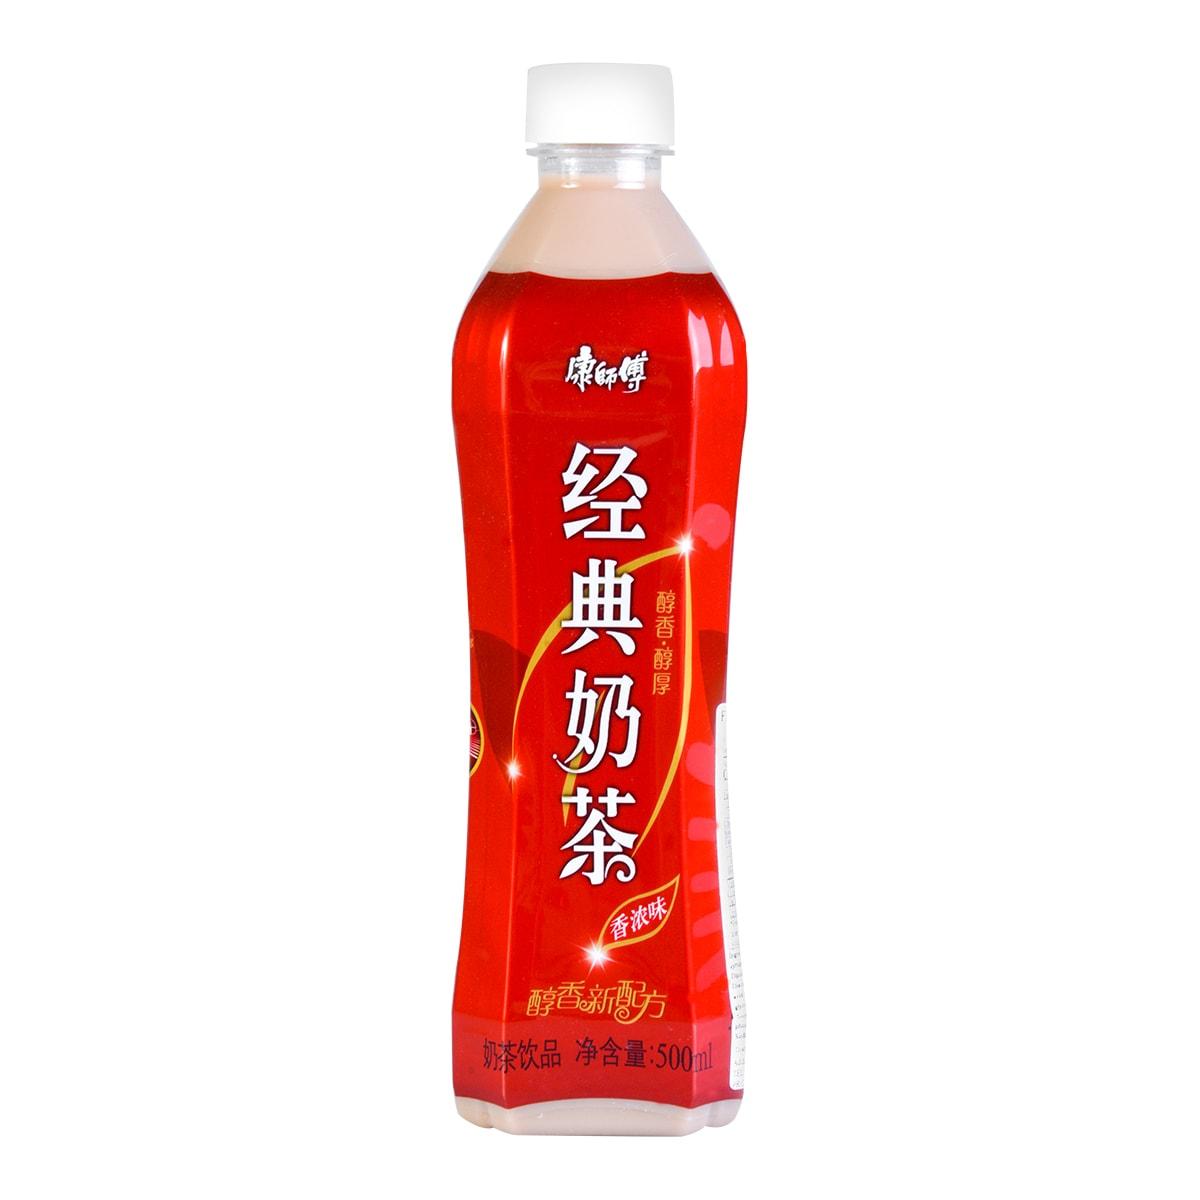 康师傅 经典奶茶 香浓味 500ml